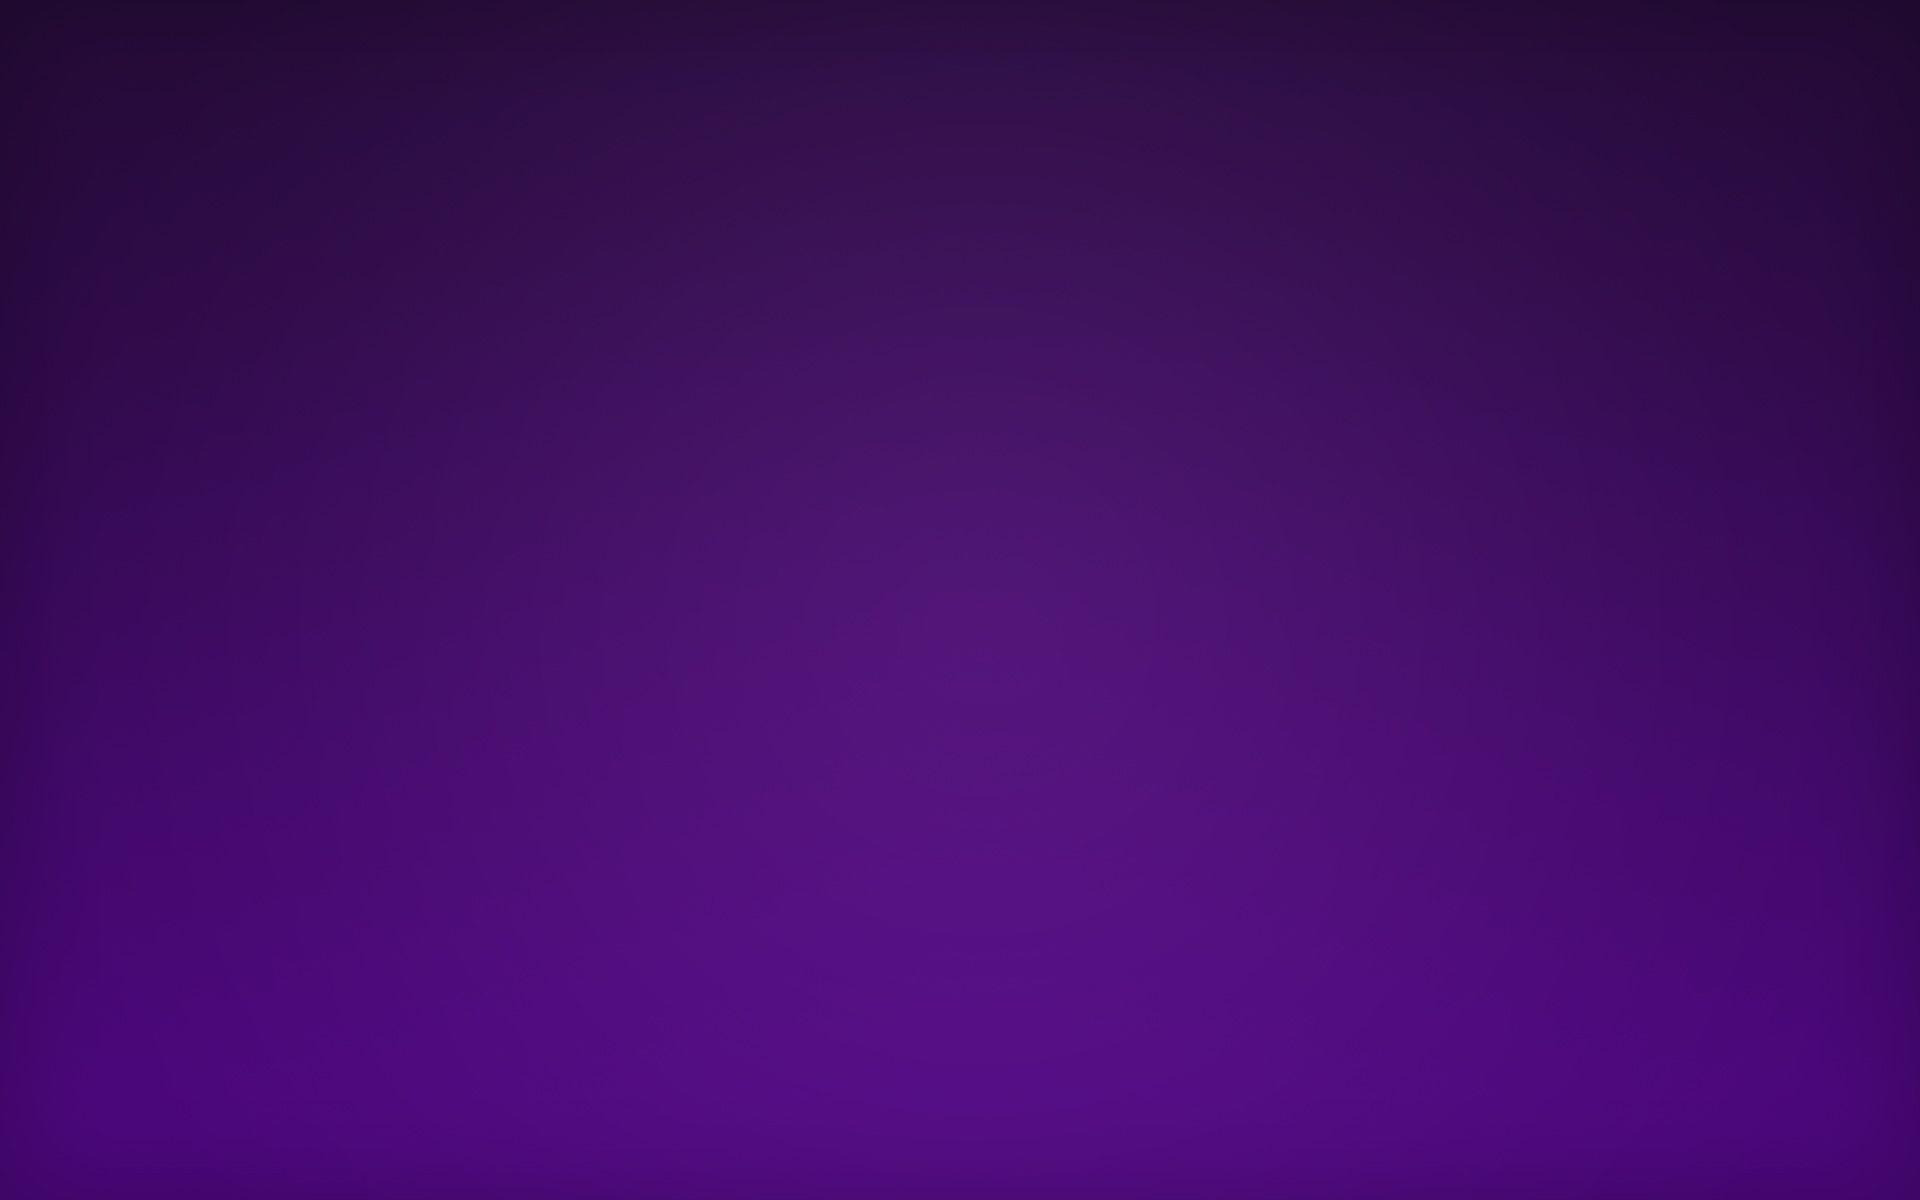 purple wallpaper 183�� download free stunning full hd